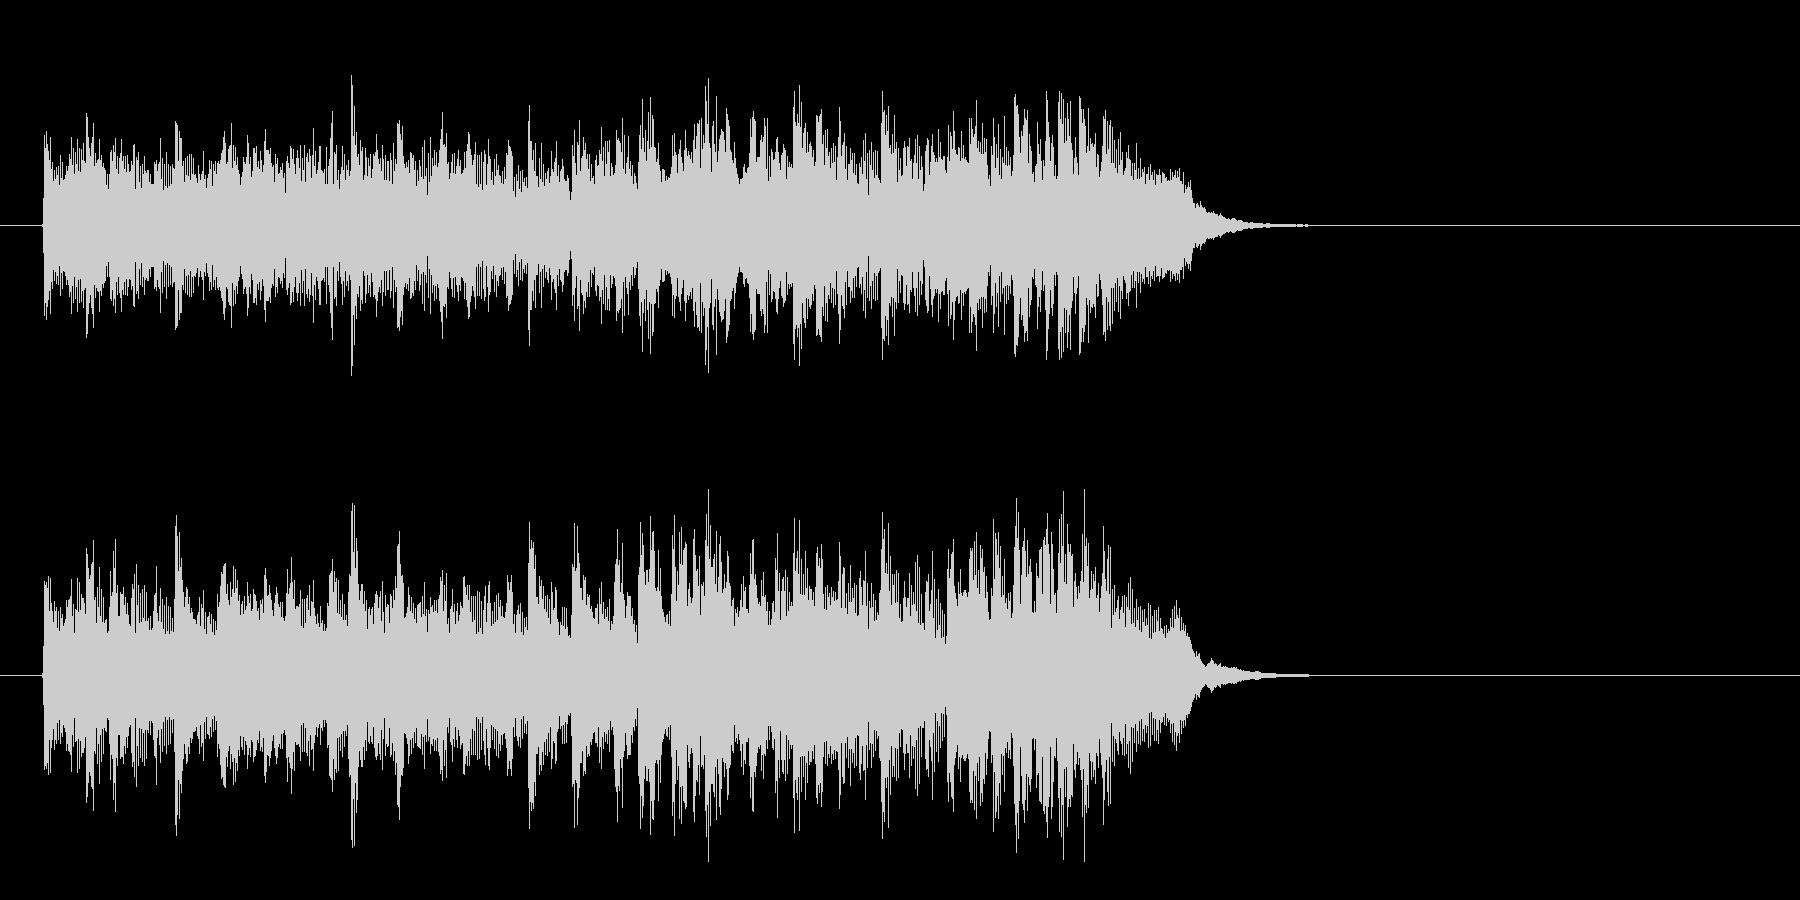 爽やかな歌謡曲風ポップス(イントロ)の未再生の波形